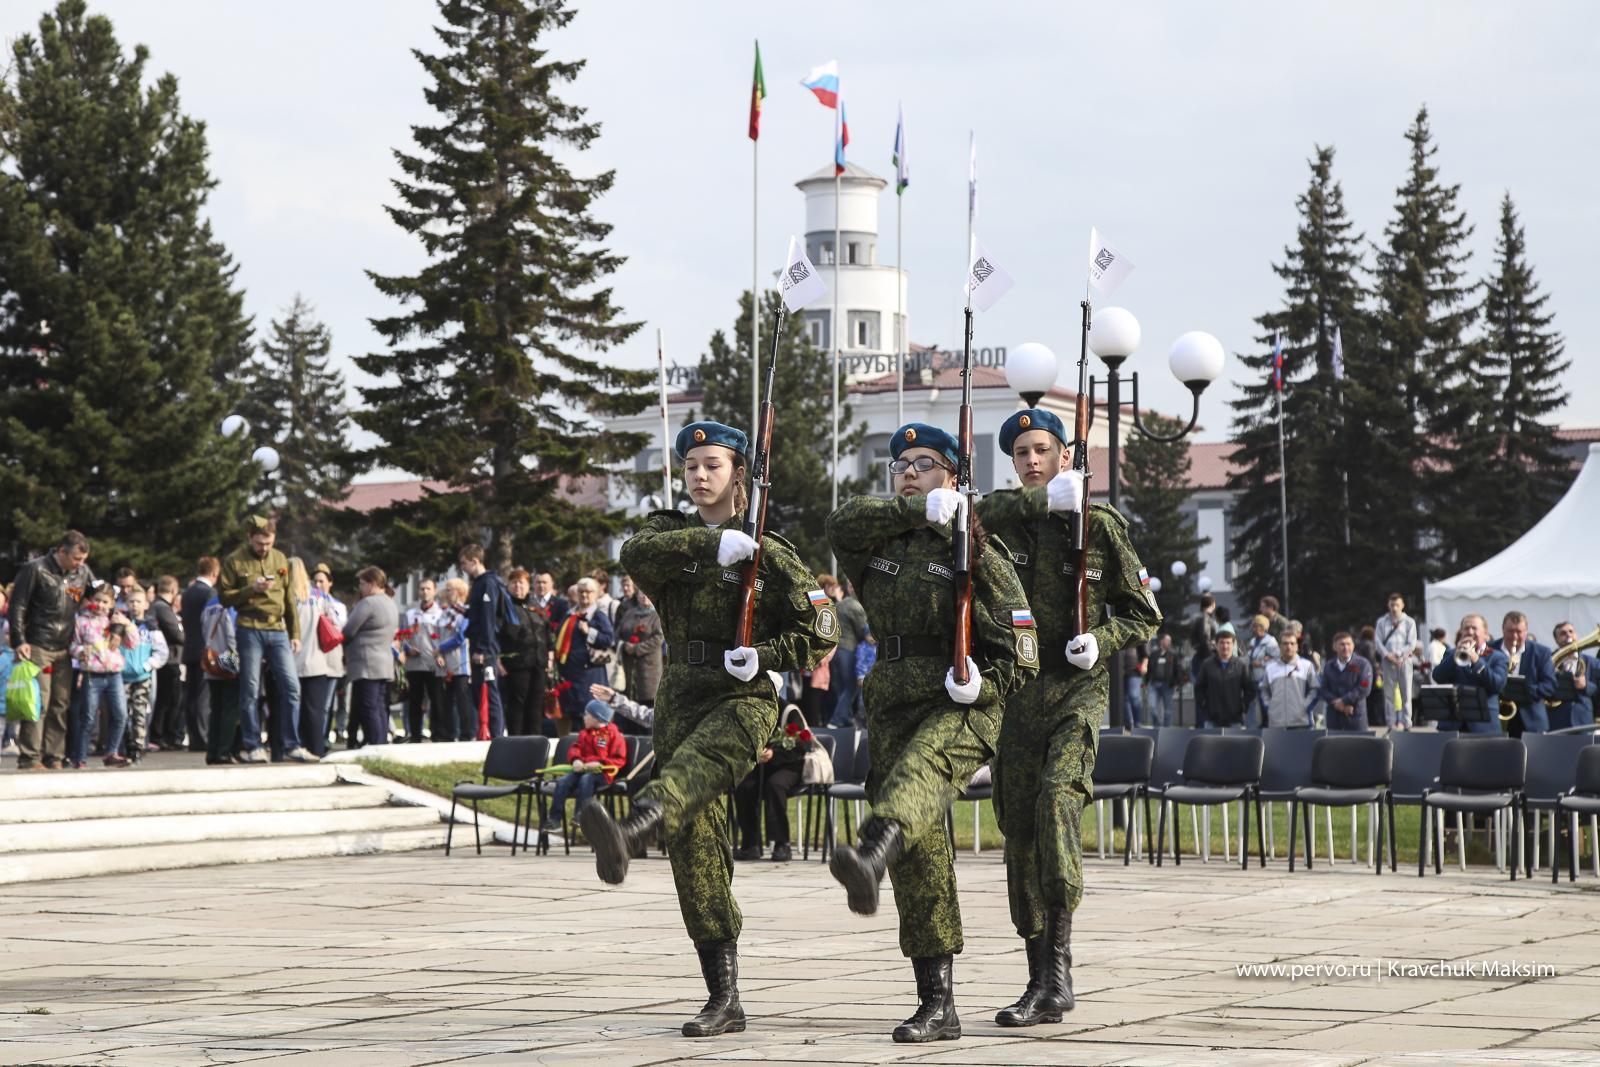 В Первоуральске прошел Парад Победы. Фотографии